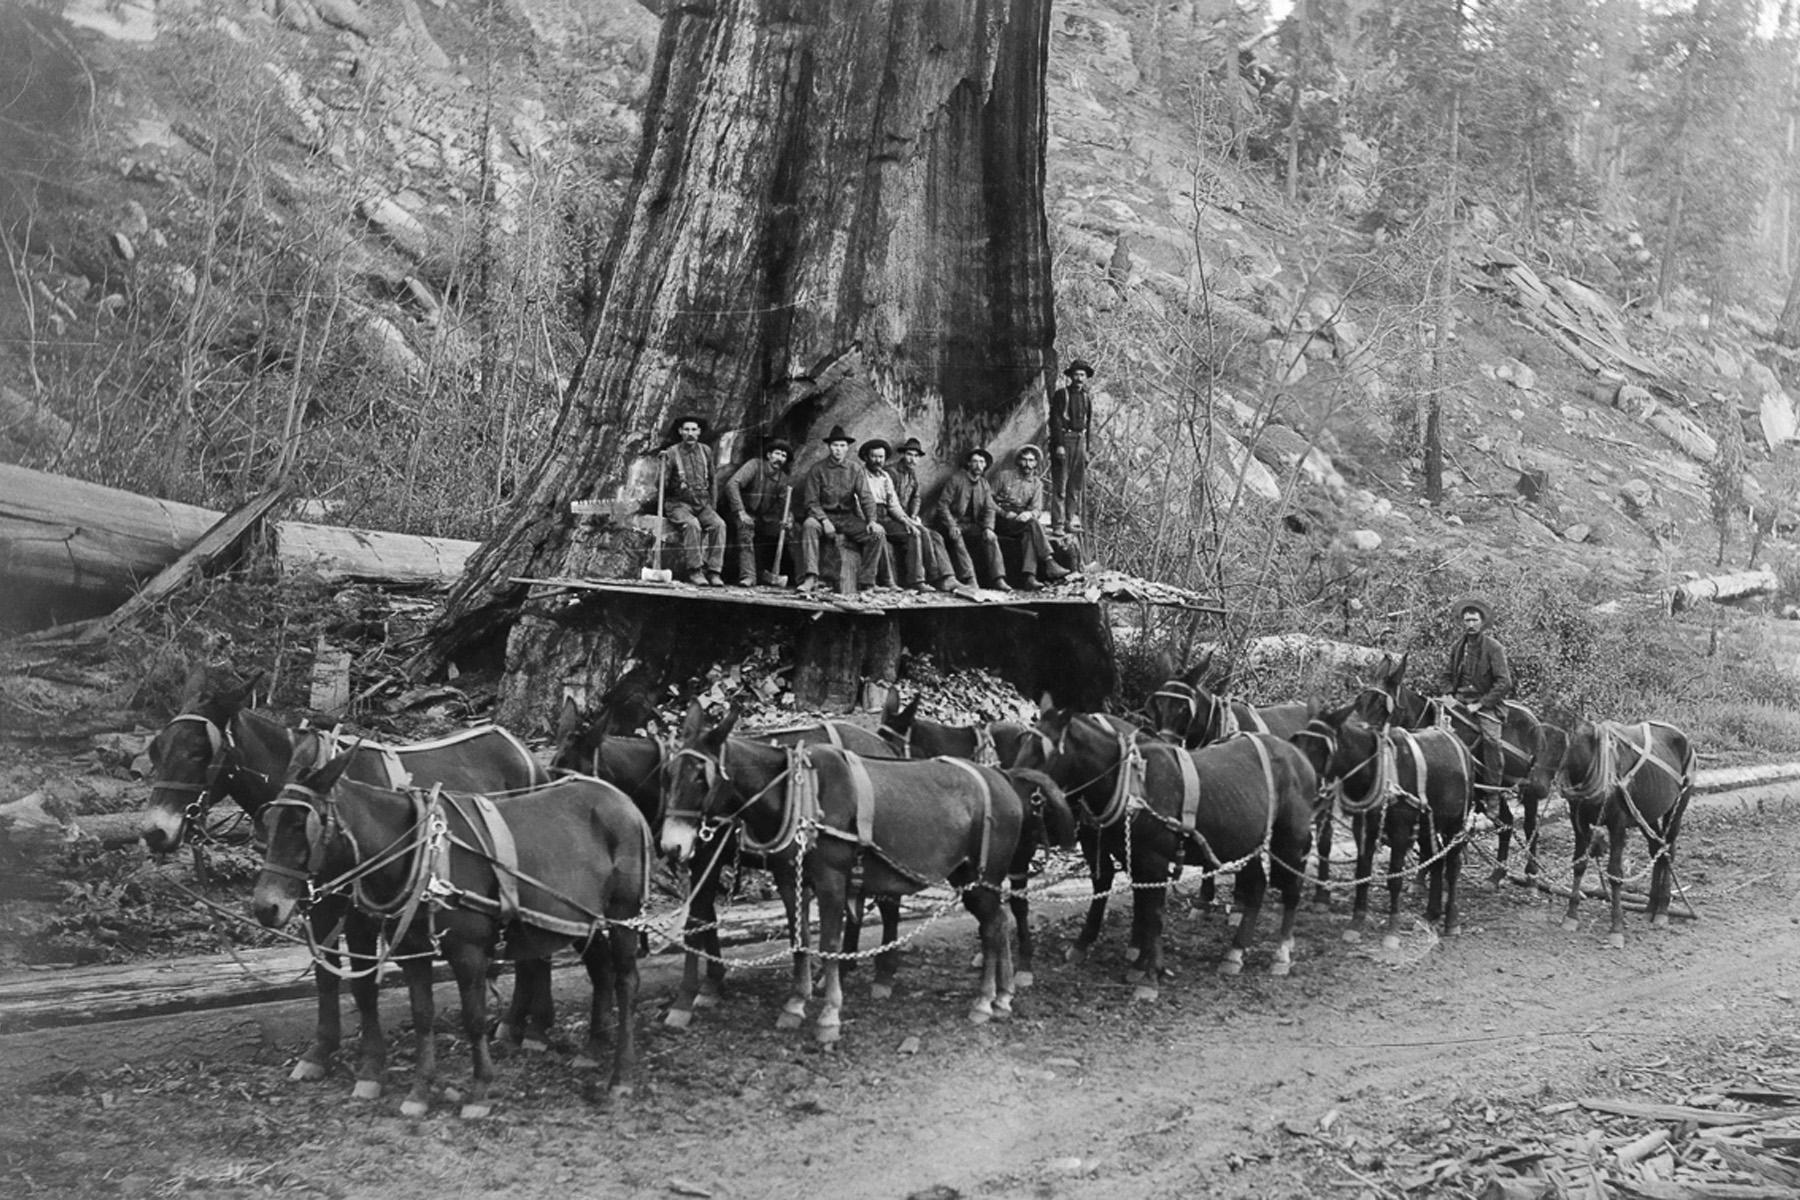 1917. Лесорубы и десять мулов готовы к падению гигантской секвойи. Калифорния